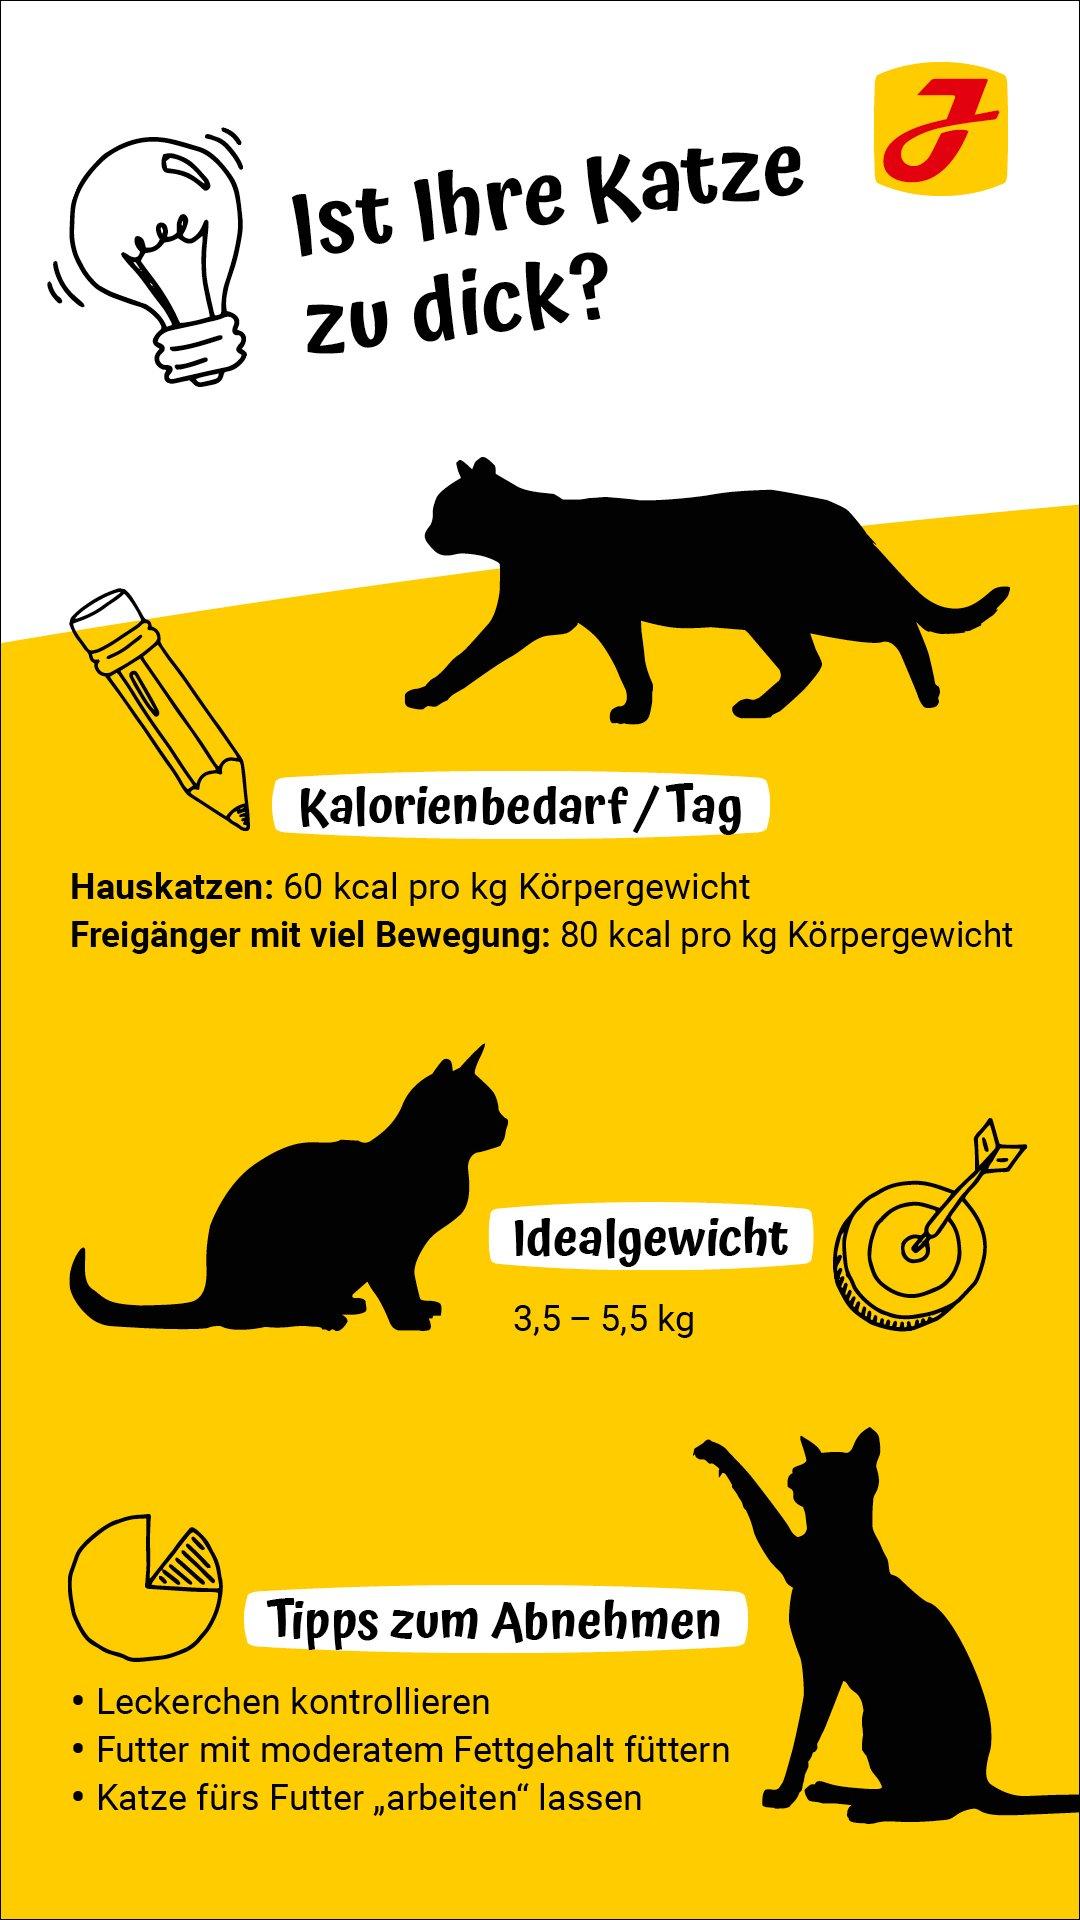 Größe katze alter gewicht Tiersteckbriefe